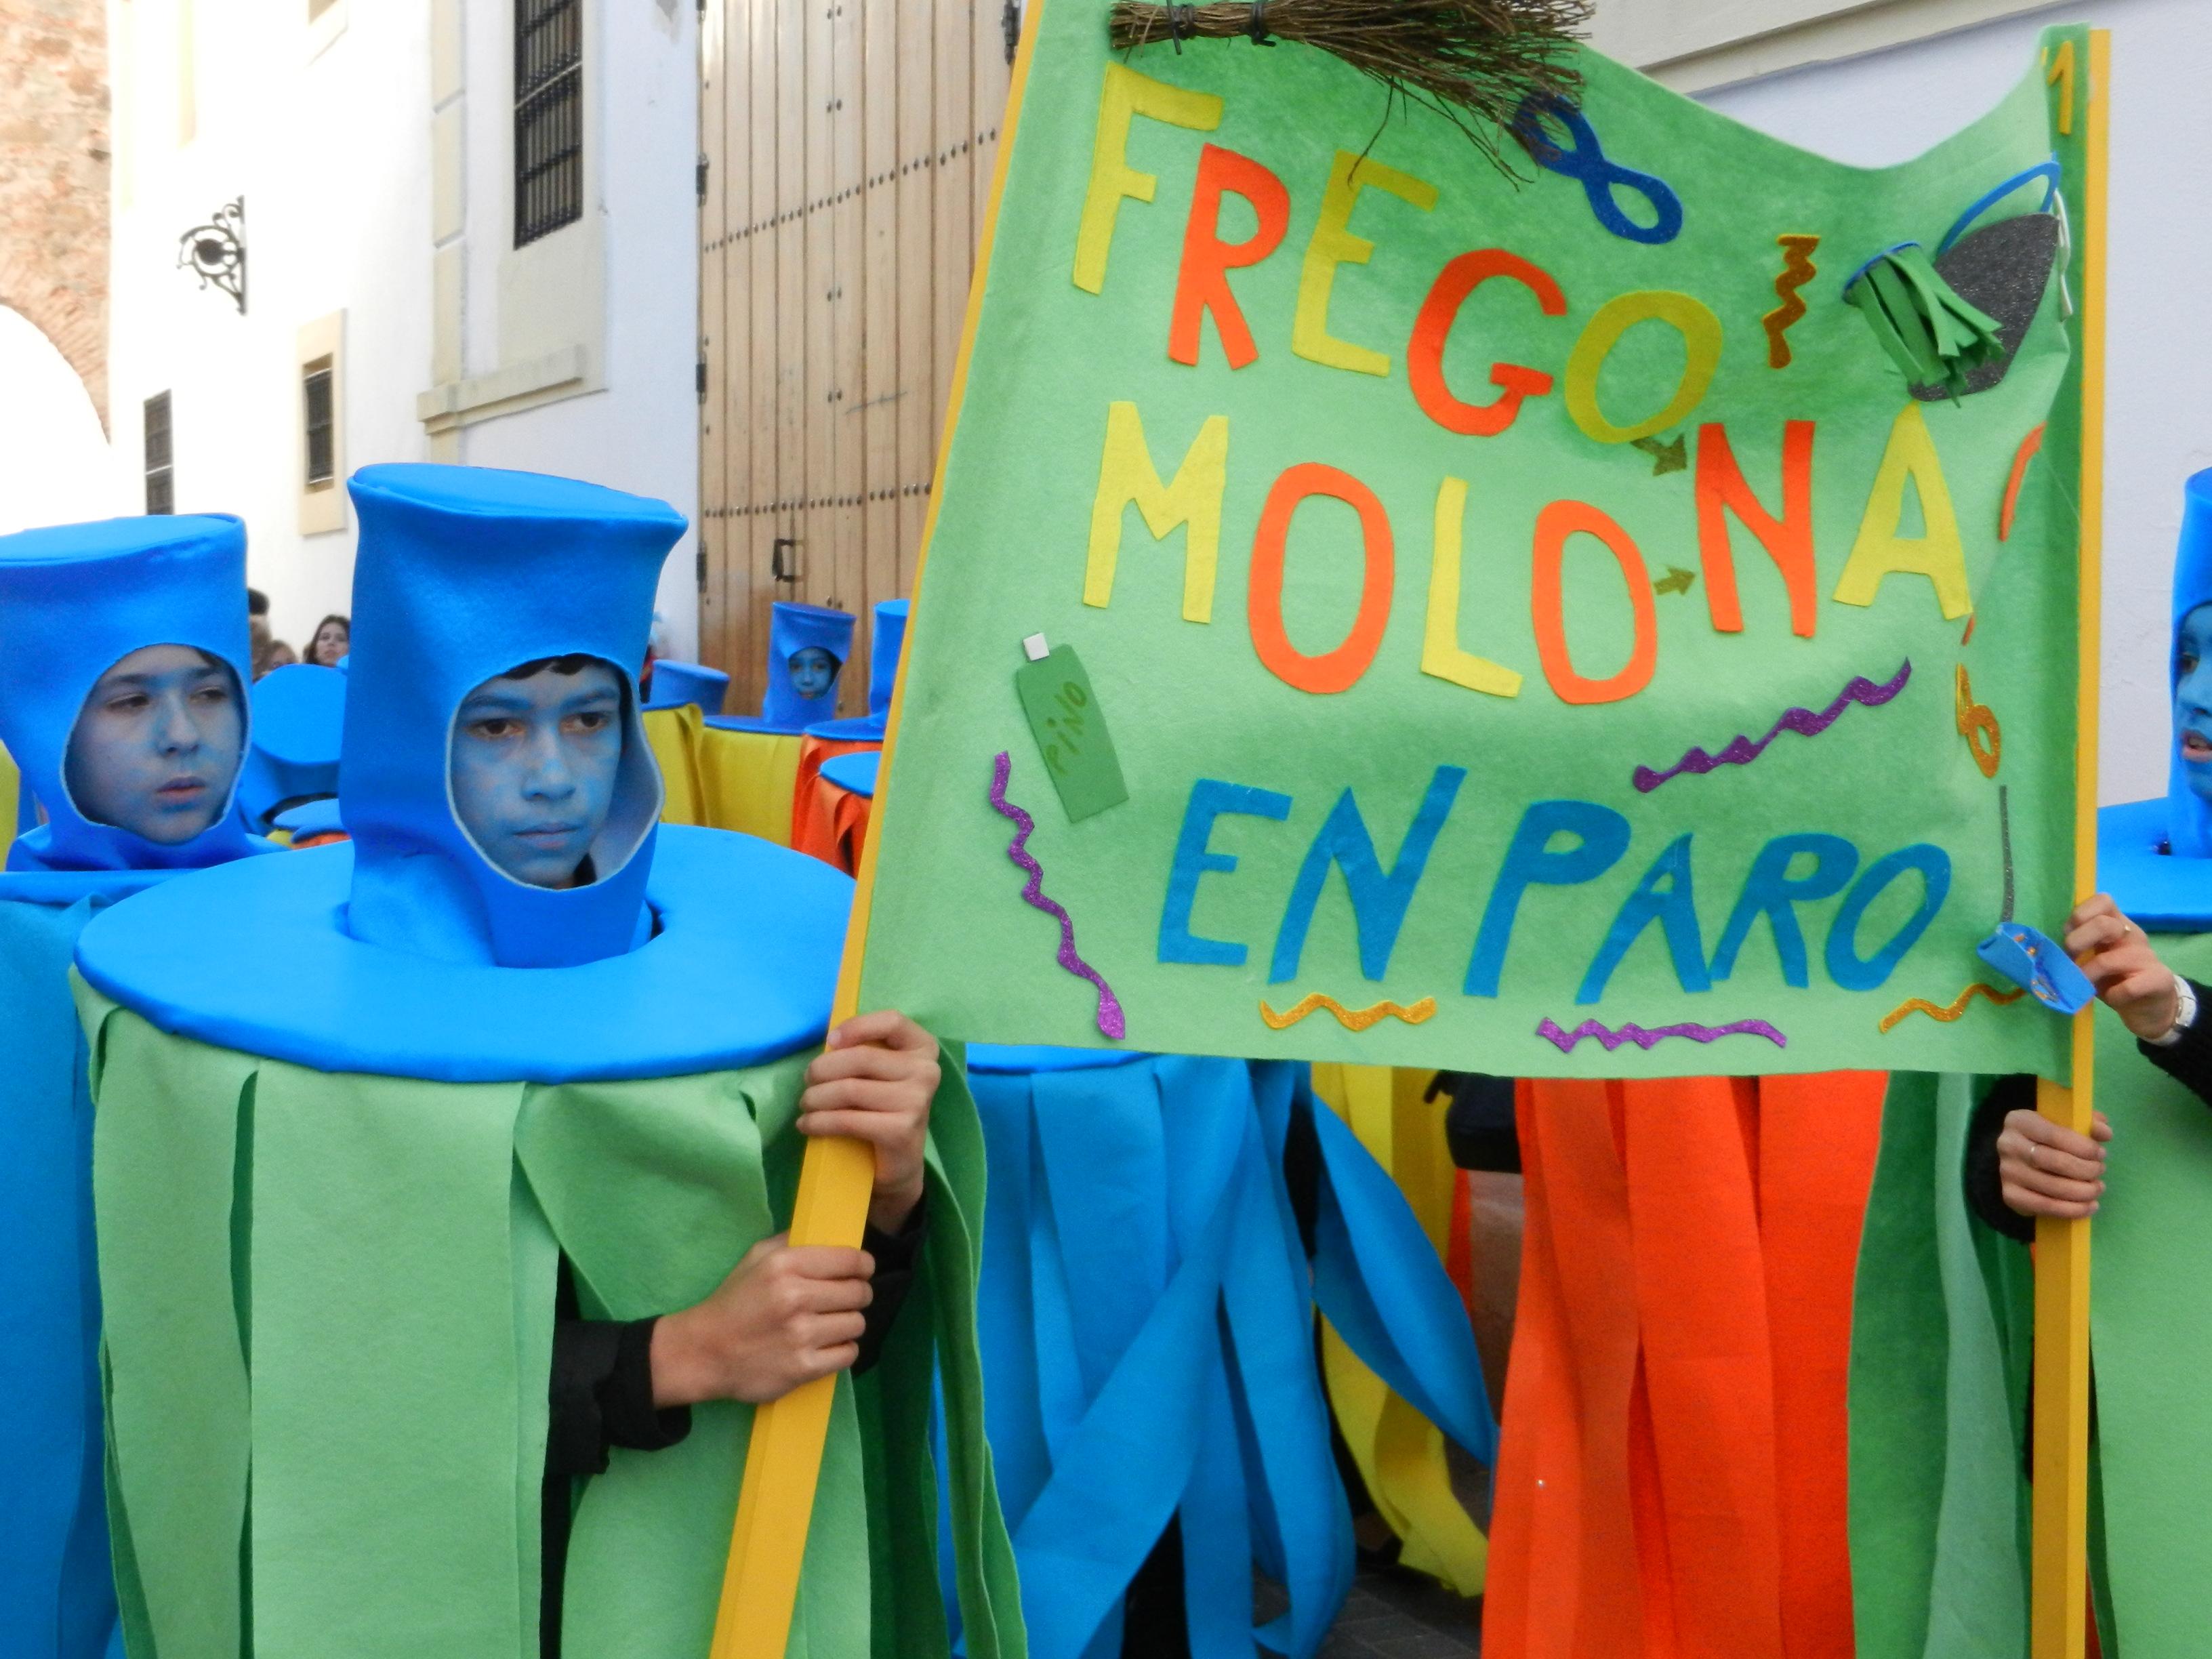 Las fregonas molonas buscan trabajo en carnaval